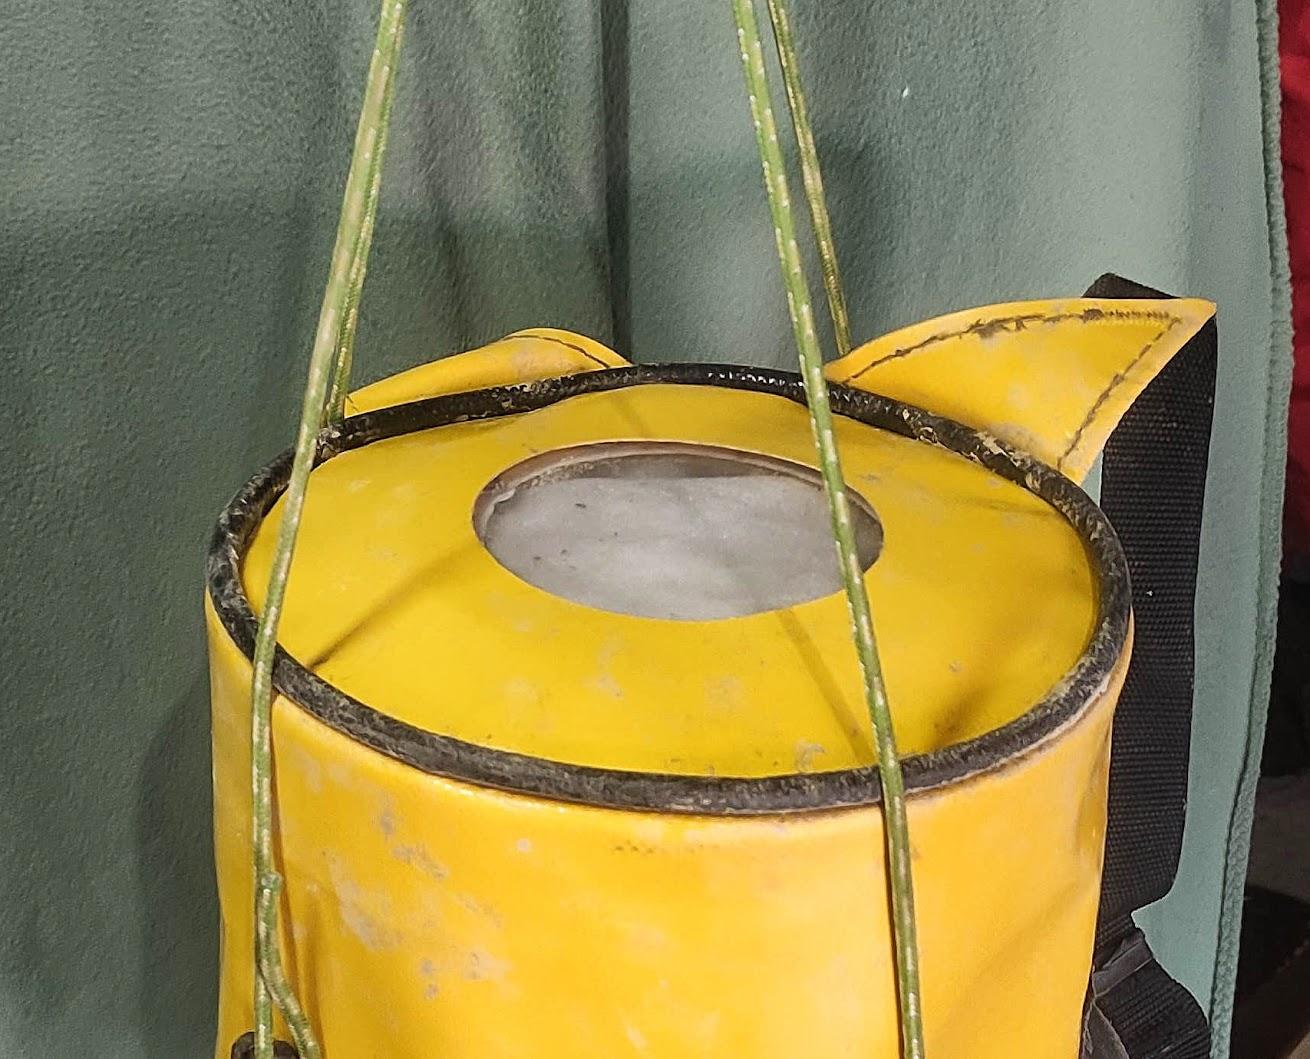 Le fond du kit avec son ouverture de 10cm de diamètre.